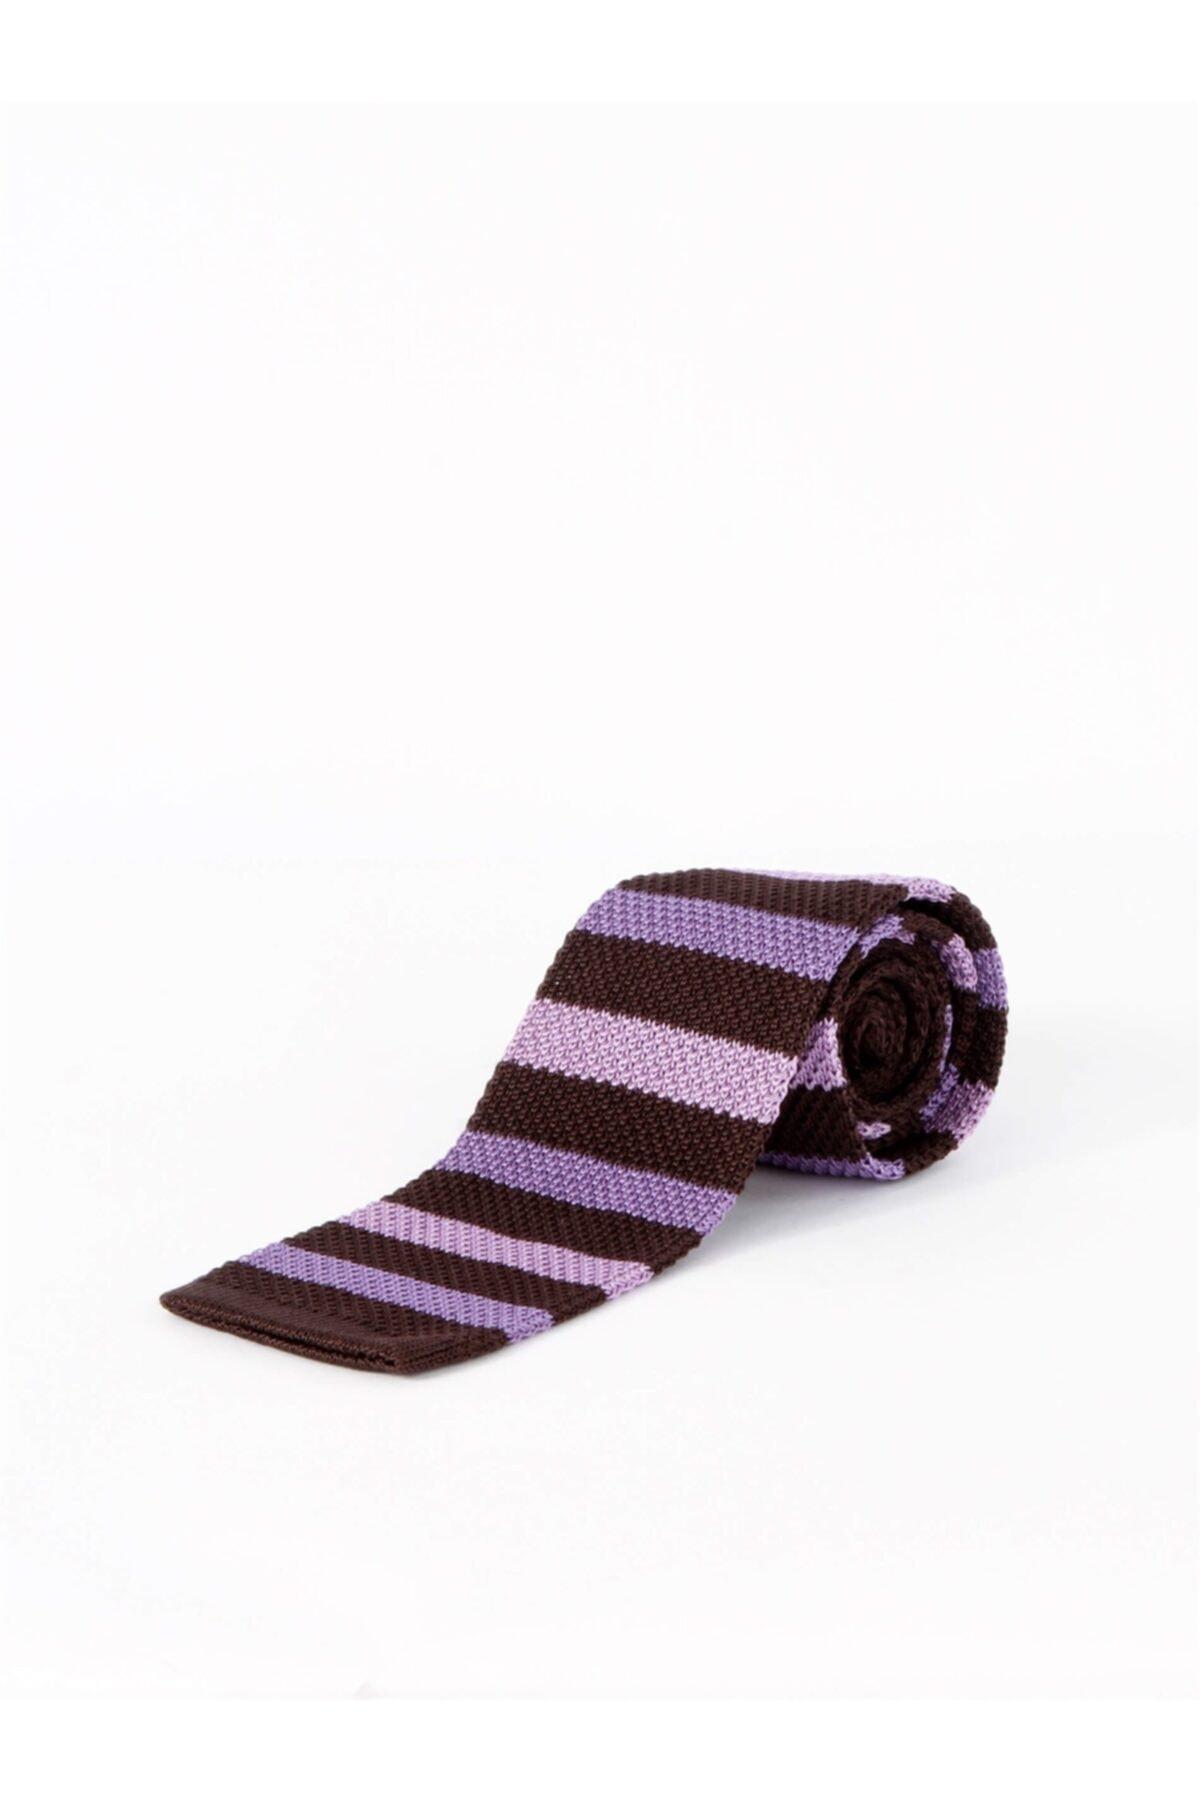 خرید انلاین کراوات طرح دار برند Dufy رنگ صورتی ty93977281